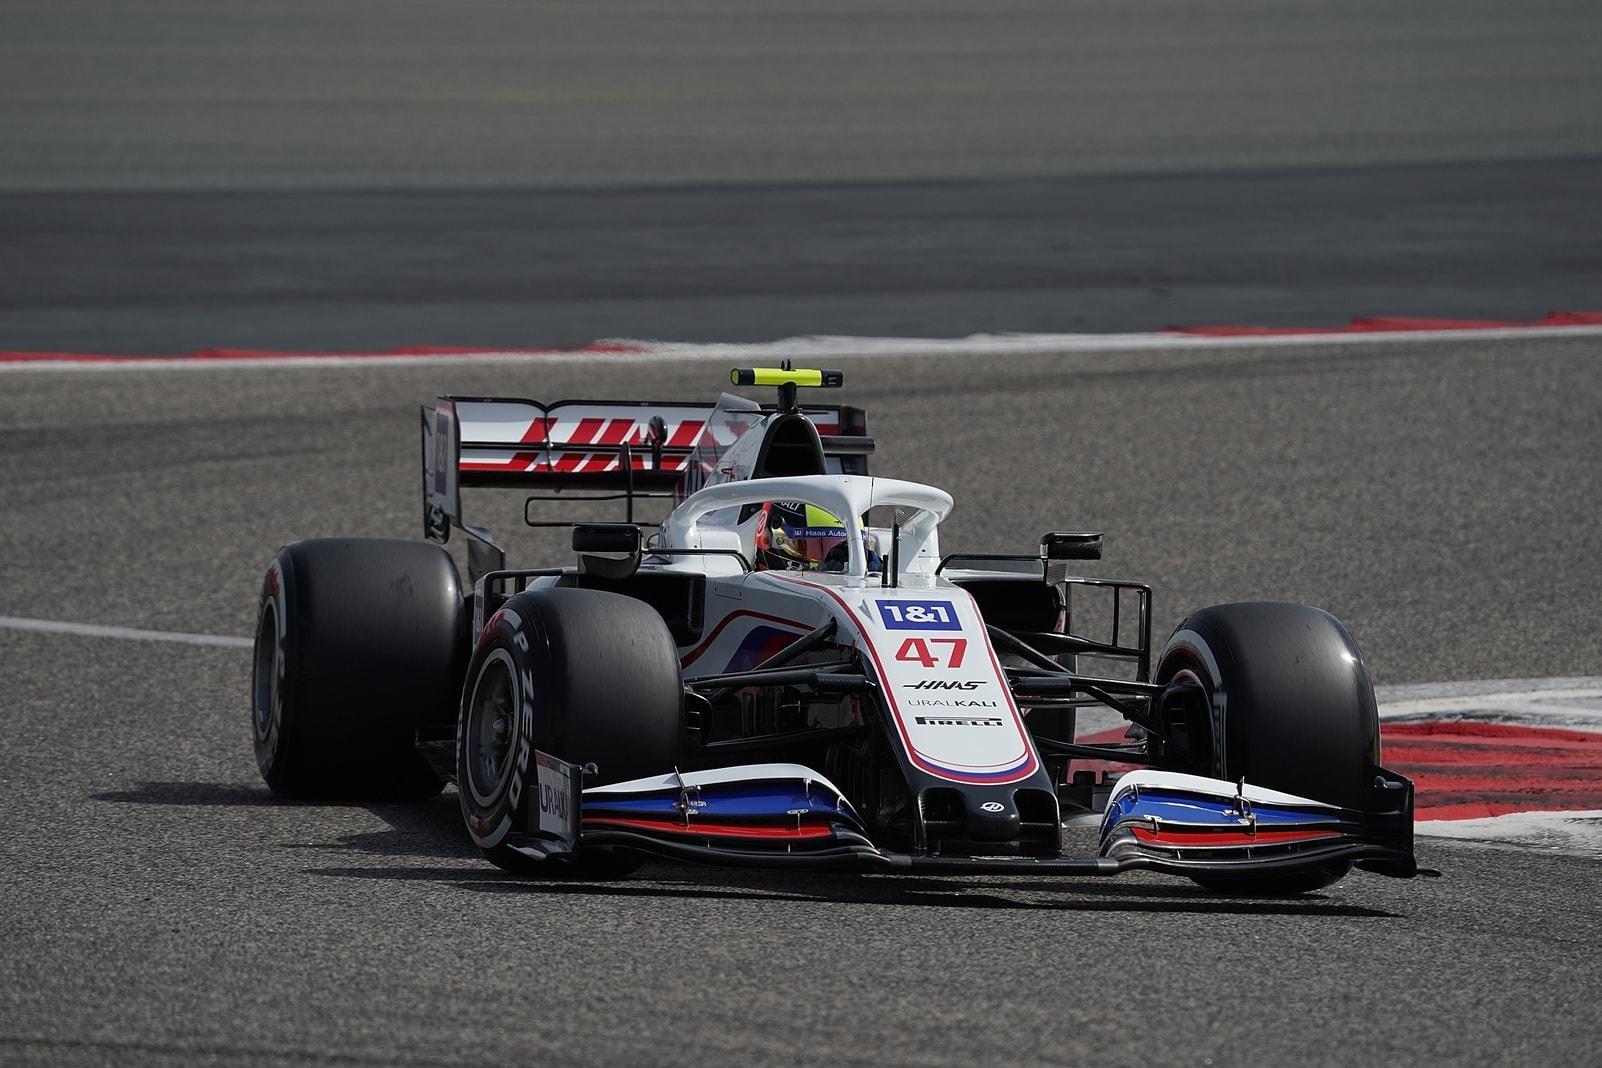 Formel 1 Dschidda : Formel 1 Saison 2021 Anderungen ...